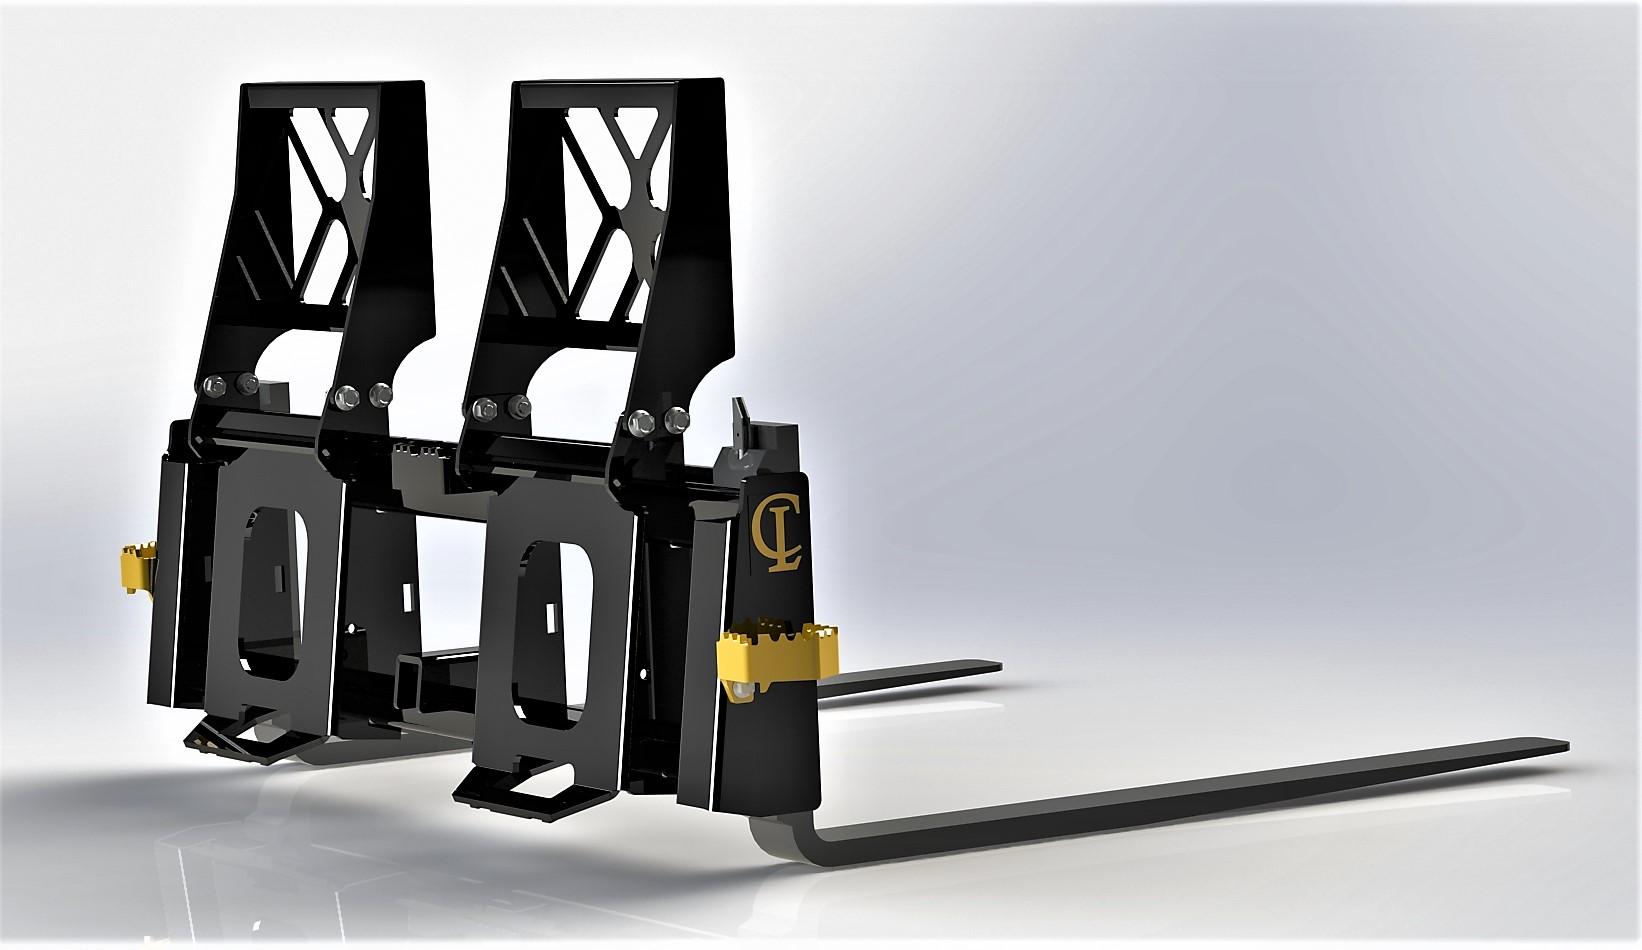 Pallet Forks | Skid Steer Forks | Tractor Forks